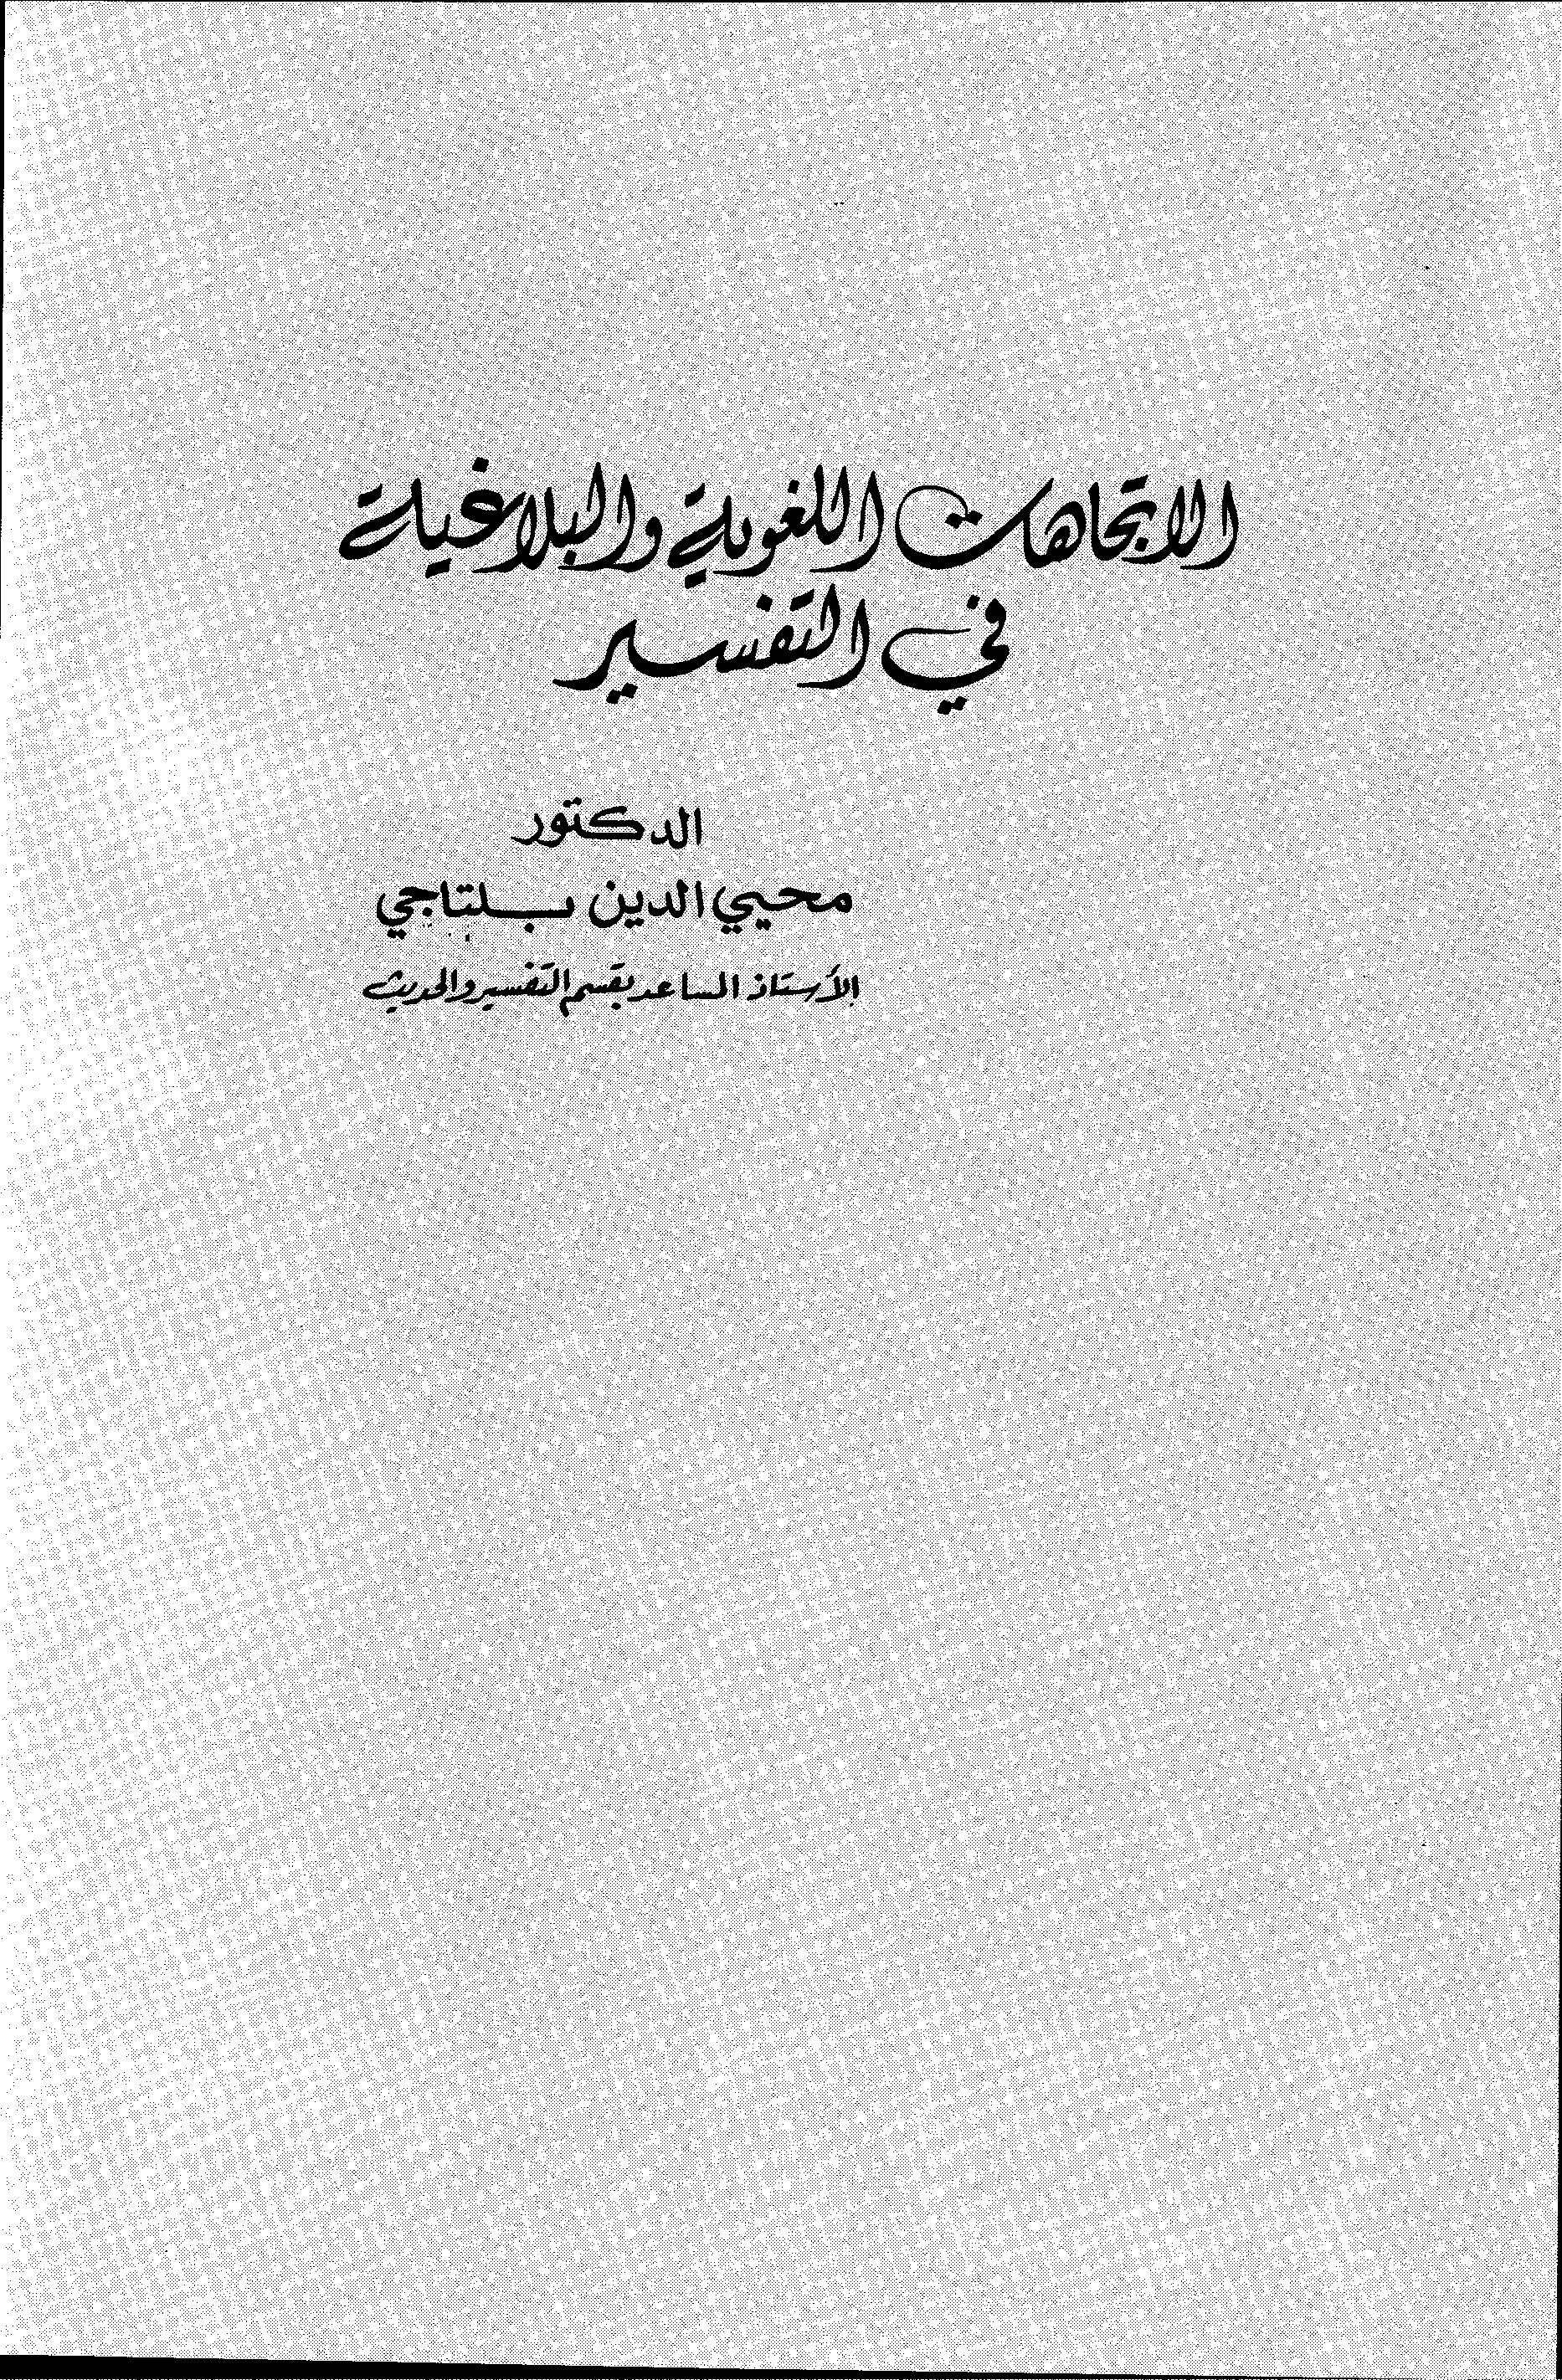 تحميل كتاب الاتجاهات اللغوية والبلاغية في التفسير لـِ: الدكتور محيي الدين بلتاجي